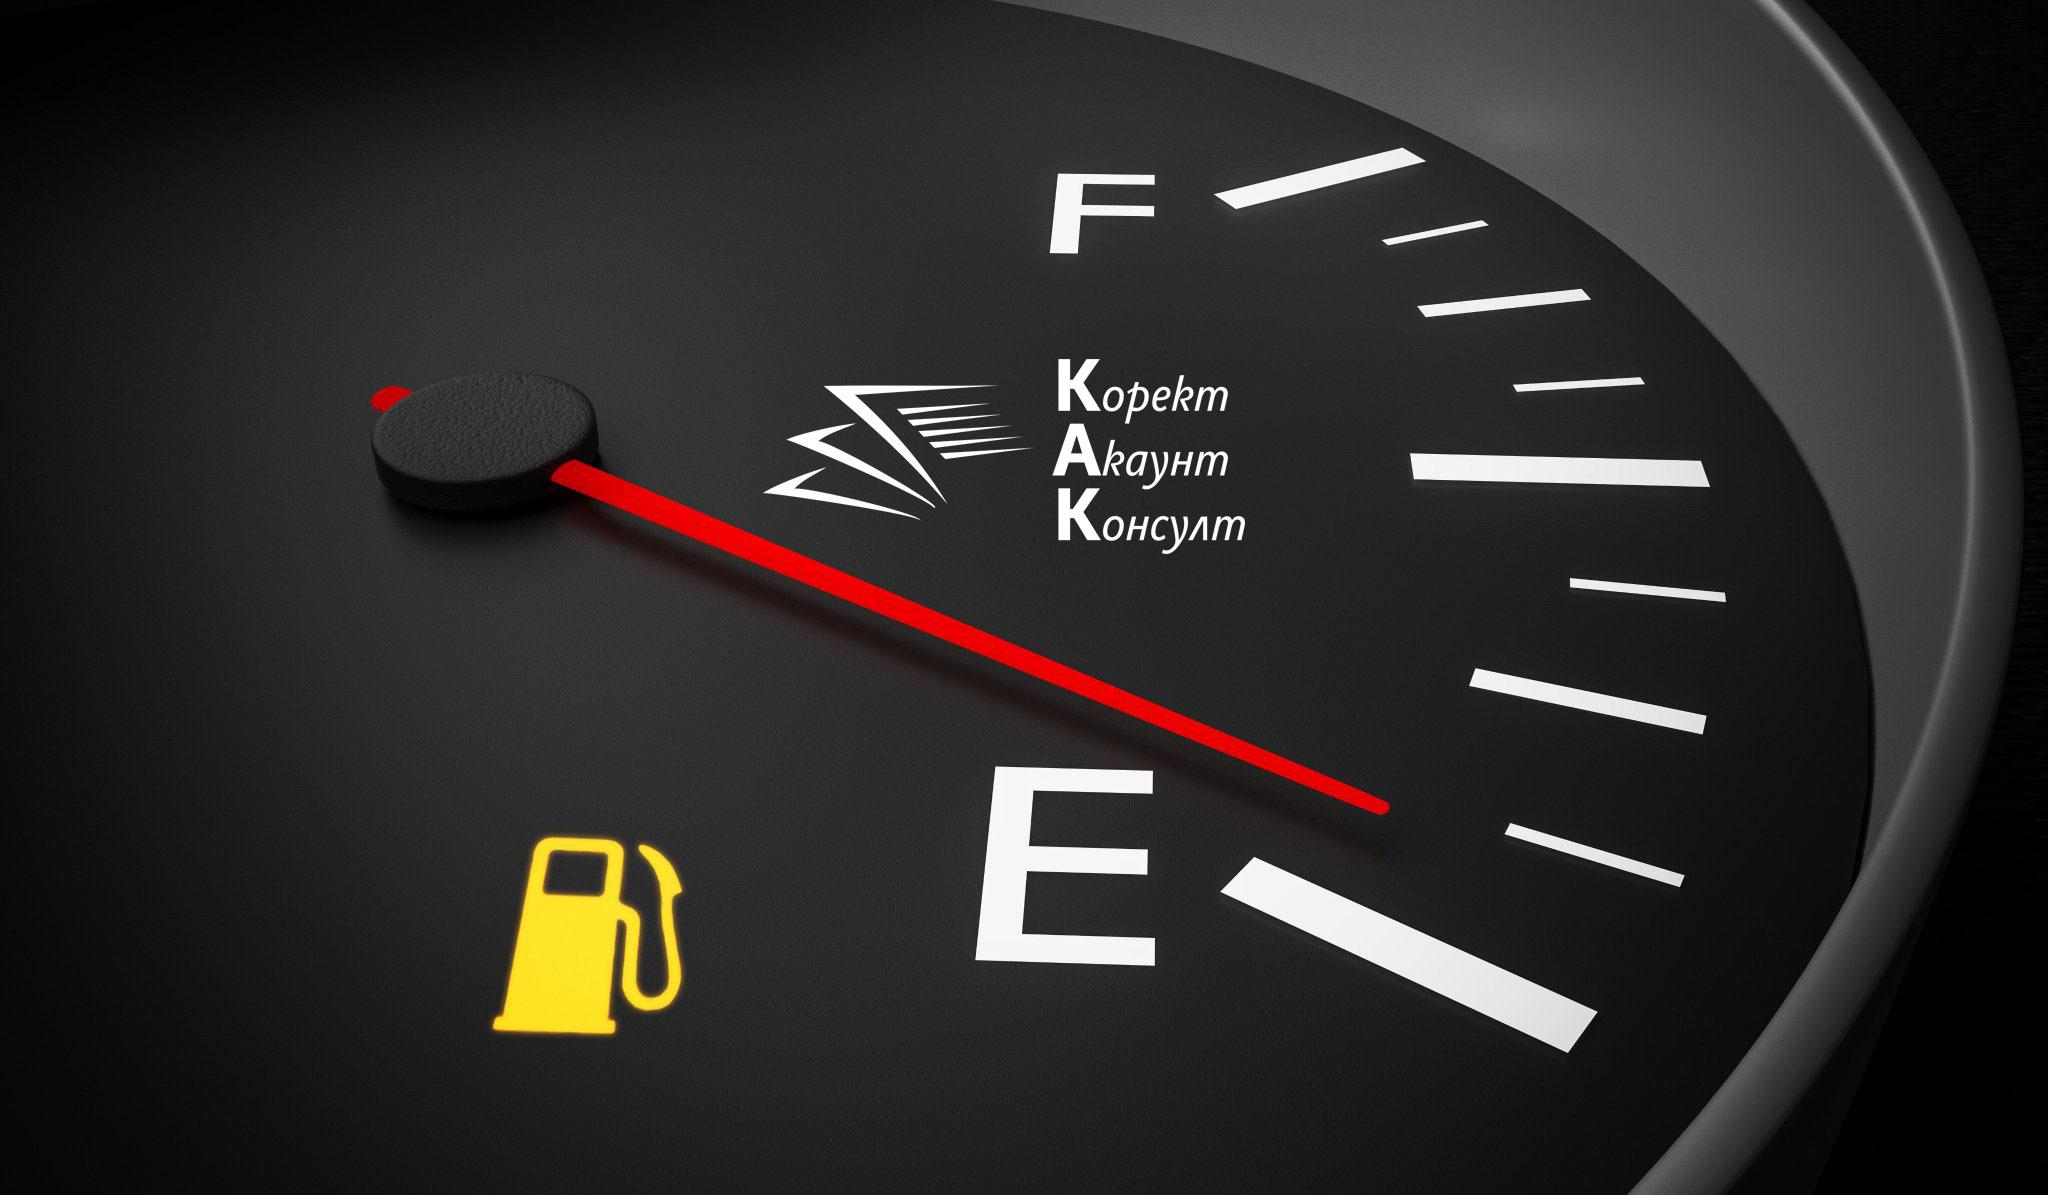 Държавата въвежда нова система за наблюдение и контрол на горивата